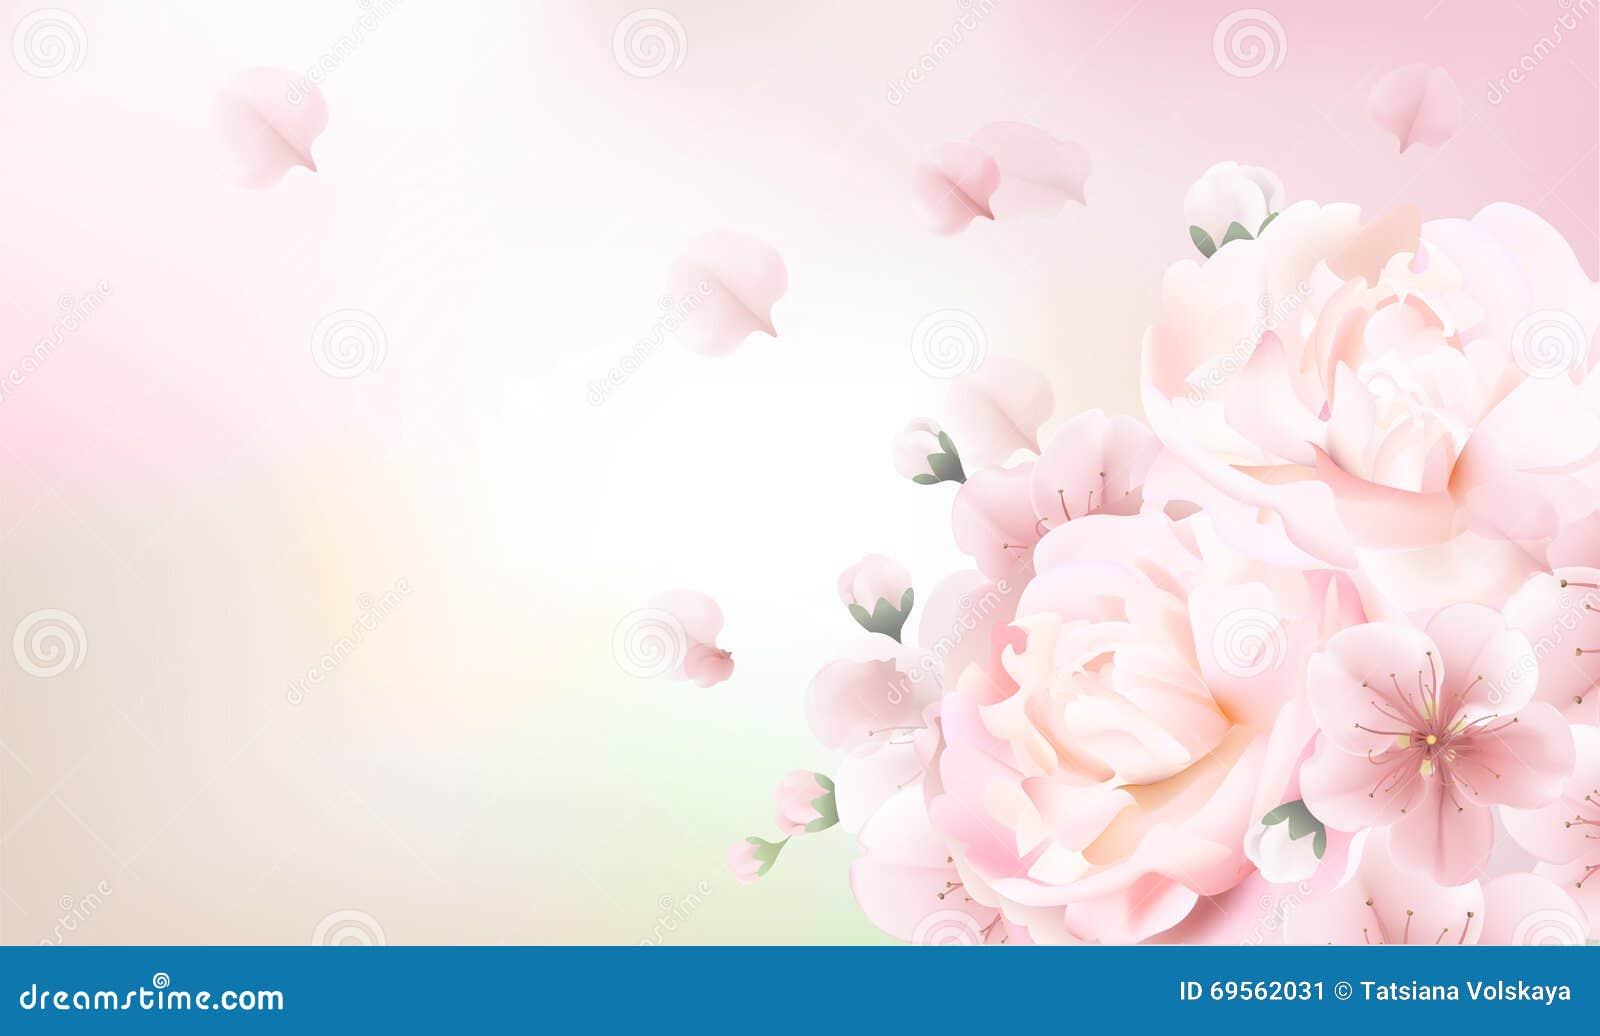 Fond En Pastel Brouillé Avec Des Pétales De Fleur